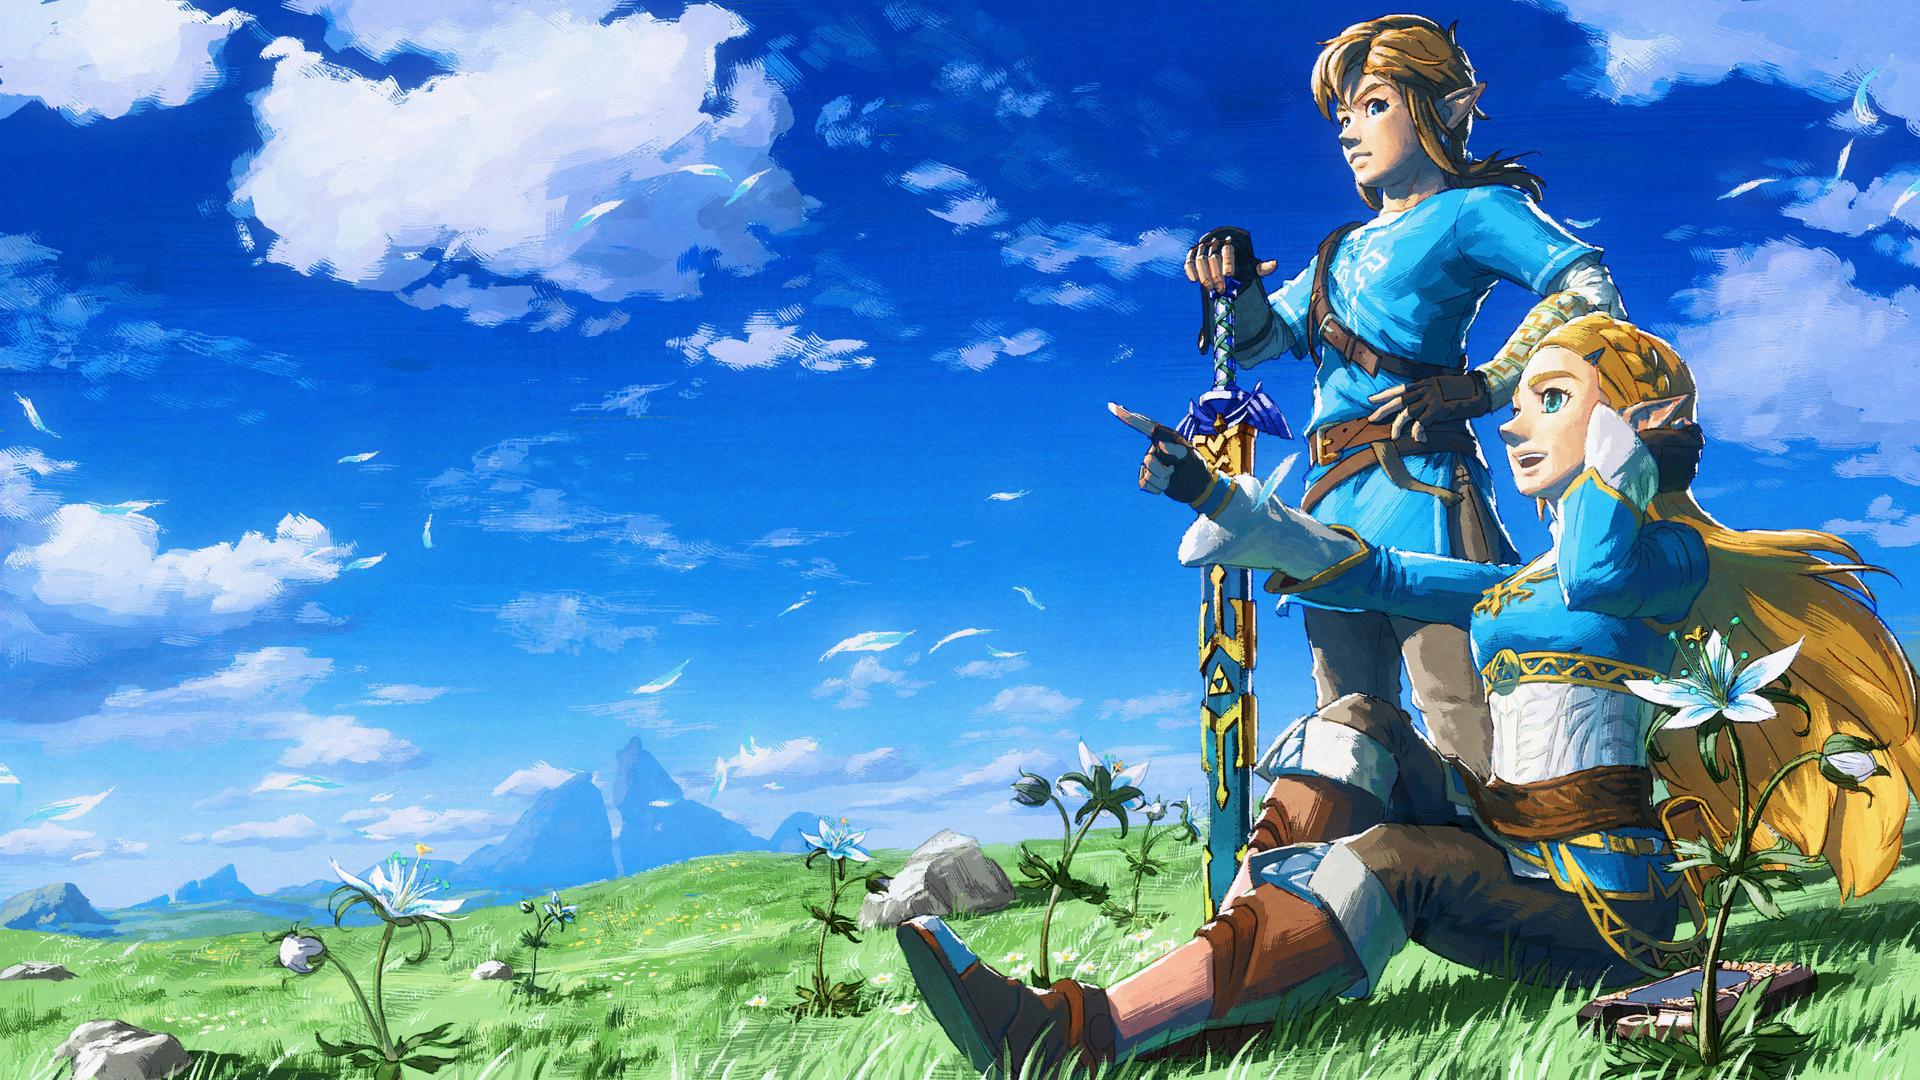 1920x1080 2018 The Legend Of Zelda Breath Of The Wild 4k ...